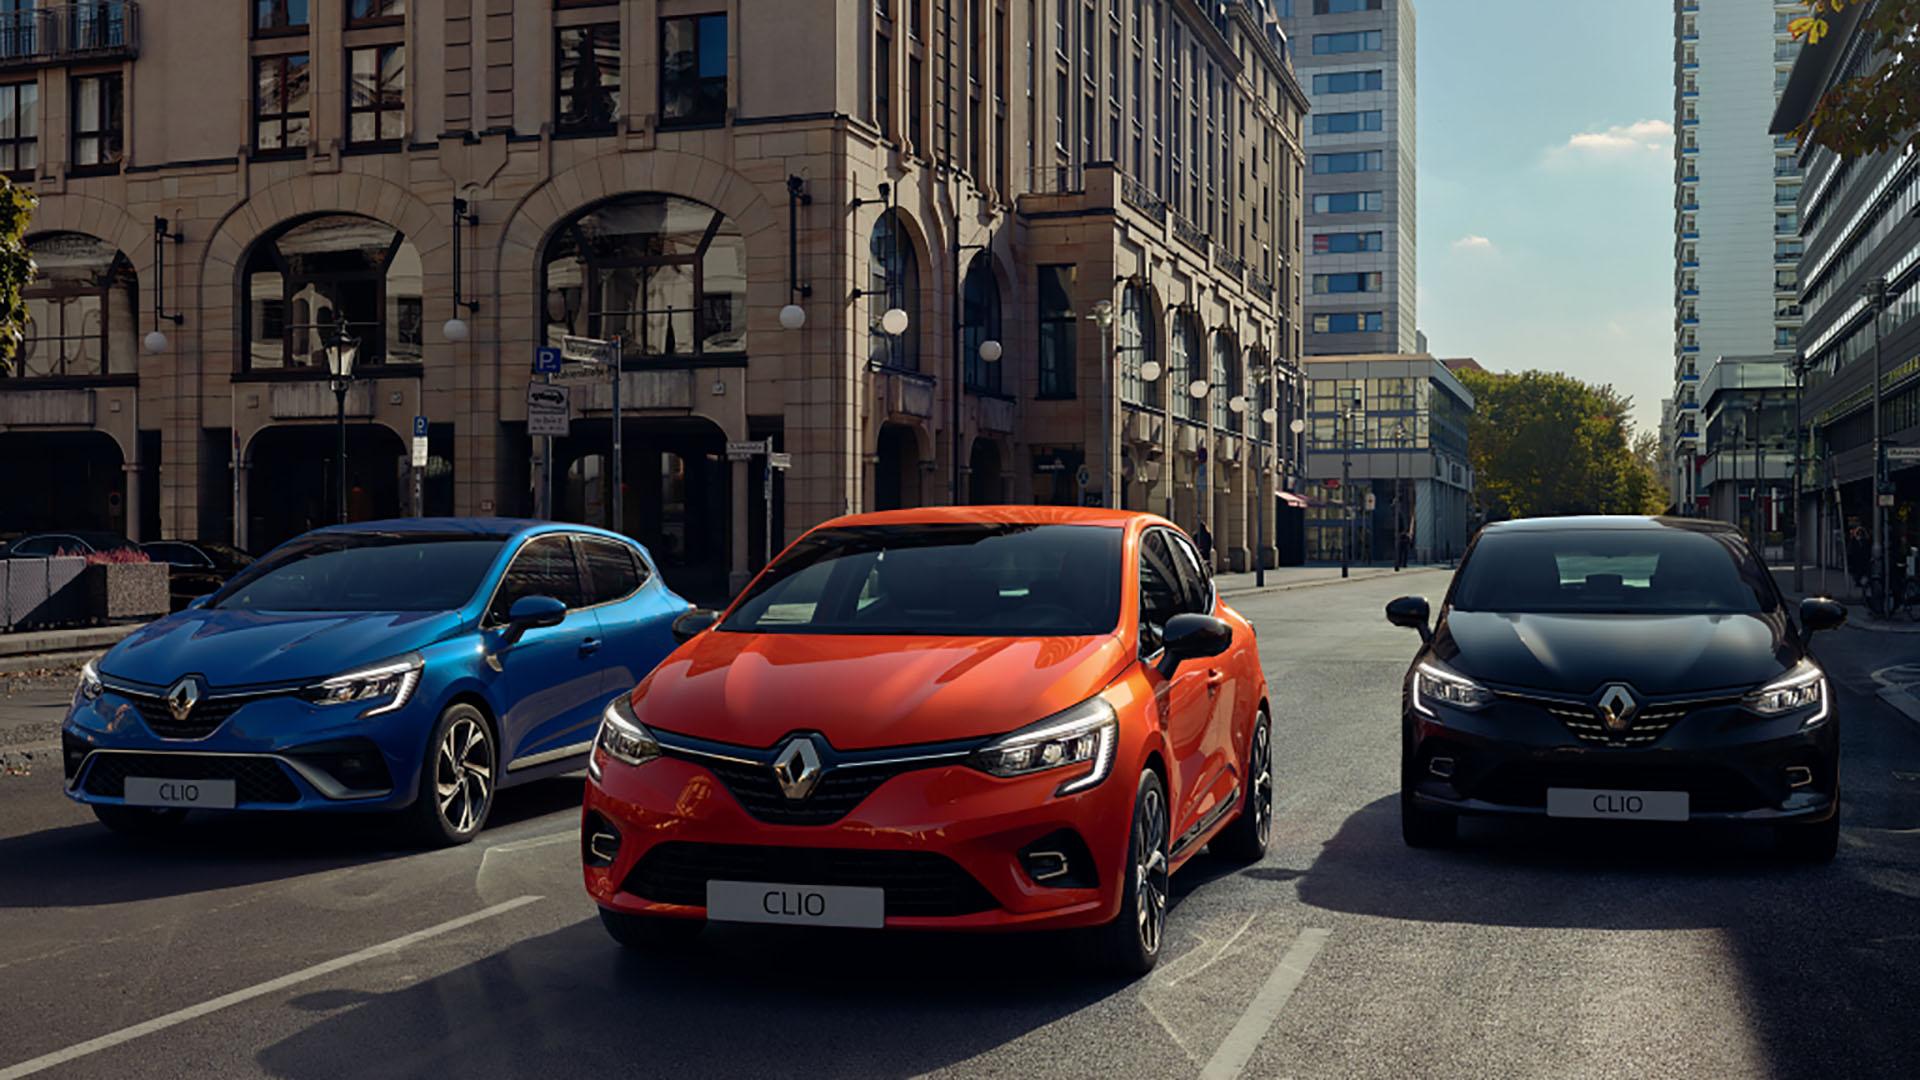 Renault Clio, la versión convencional en el centro, y a los costados las GT Line (izquierda) y Initiale Paris (derecha).